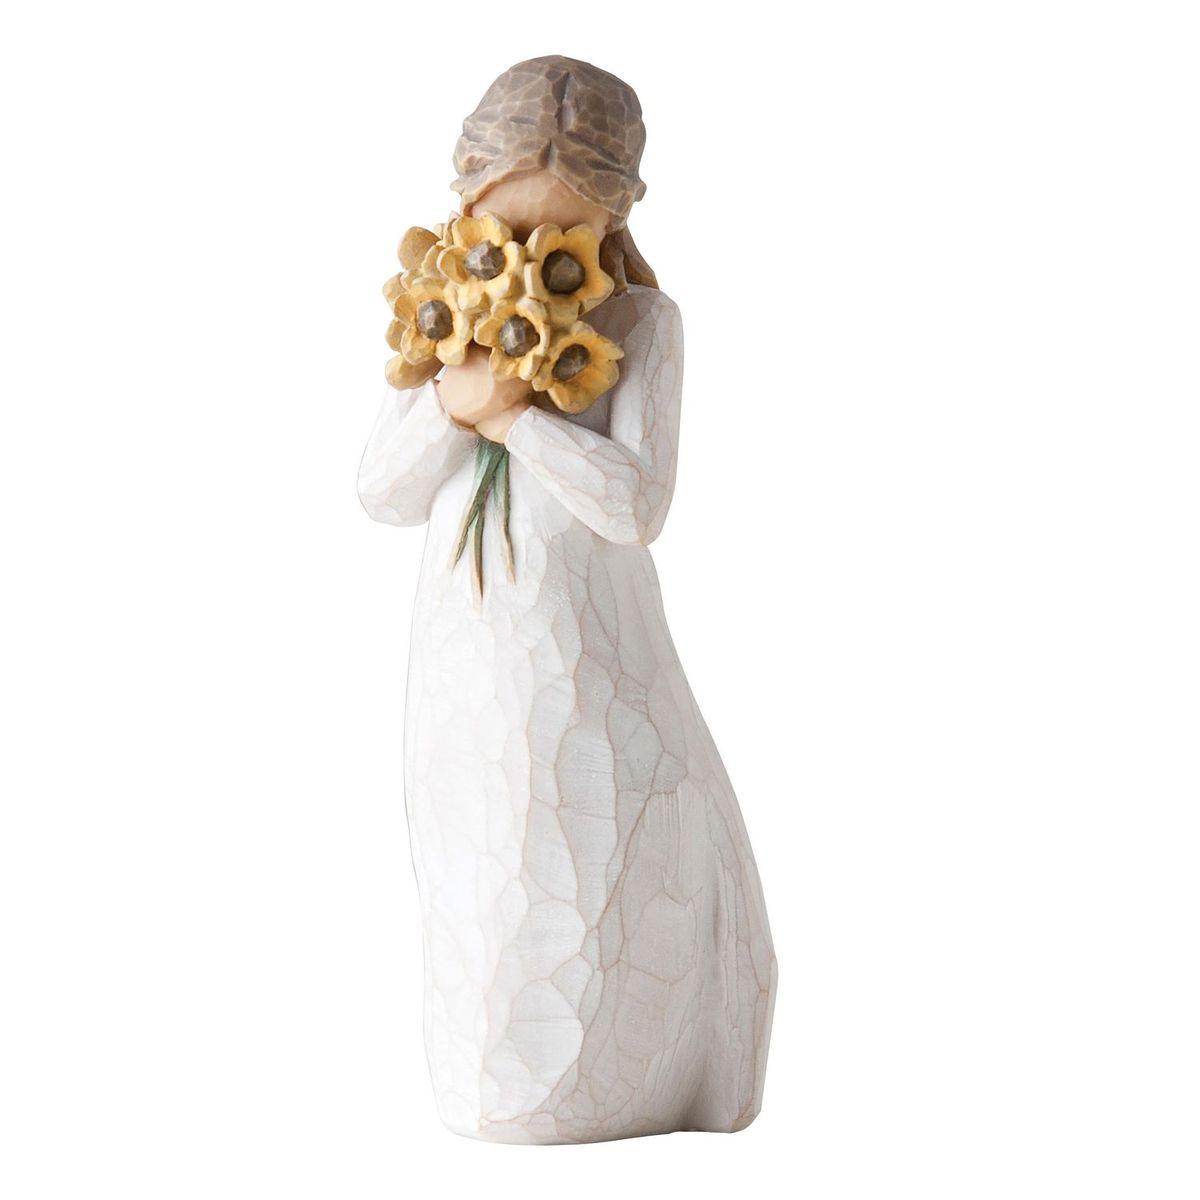 Фигурка Willow Tree Теплые объятия, 14 см27250Эти прекрасные статуэтки созданы канадским скульптором Сьюзан Лорди. Каждая фигурка – это настоящее произведение искусства, образная скульптура в миниатюре, изображающая эмоции и чувства, которые помогают нам чувствовать себя ближе к другим, верить в мечту, выражать любовь. Каждая фигурка помещена в красивую упаковку. Купить такой оригинальный подарок, значит не только украсить интерьер помещения или жилой комнаты, но выразить свое глубокое отношение к любимому человеку. Этот прекрасный сувенир будет лучшим подарком на день ангела, именины, день рождения, юбилей. Материал: Искусственный камень (49% карбонат кальция мелкозернистой разновидности, 51% искусственный камень)